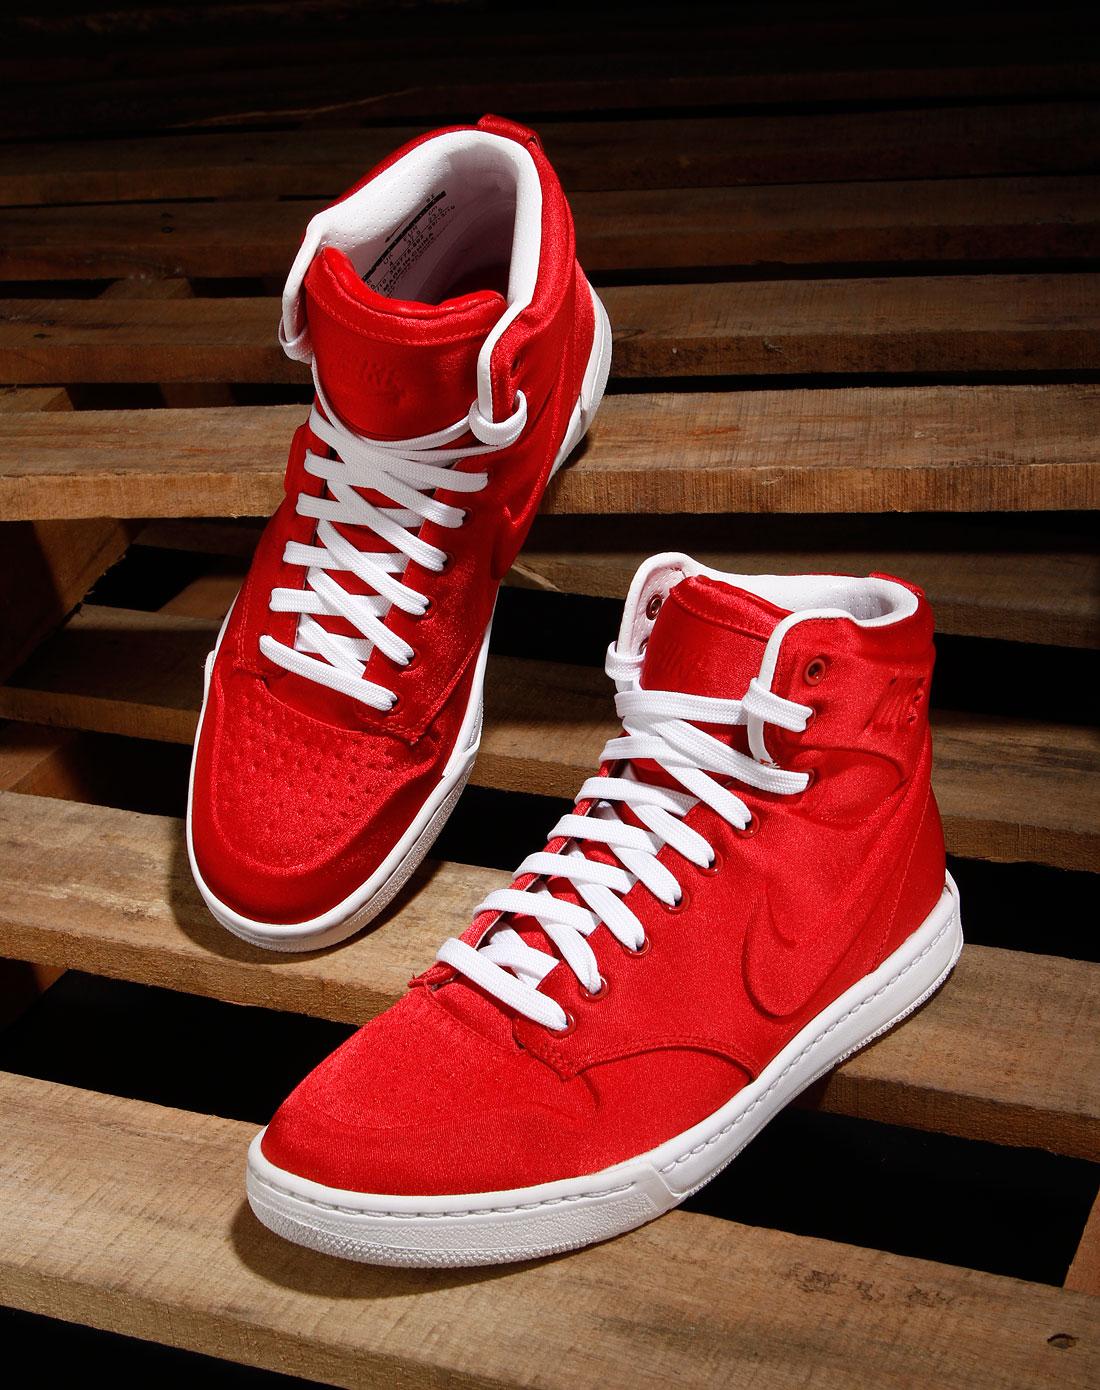 耐克nike女款运动红/白色绑带时尚高邦运动鞋395775